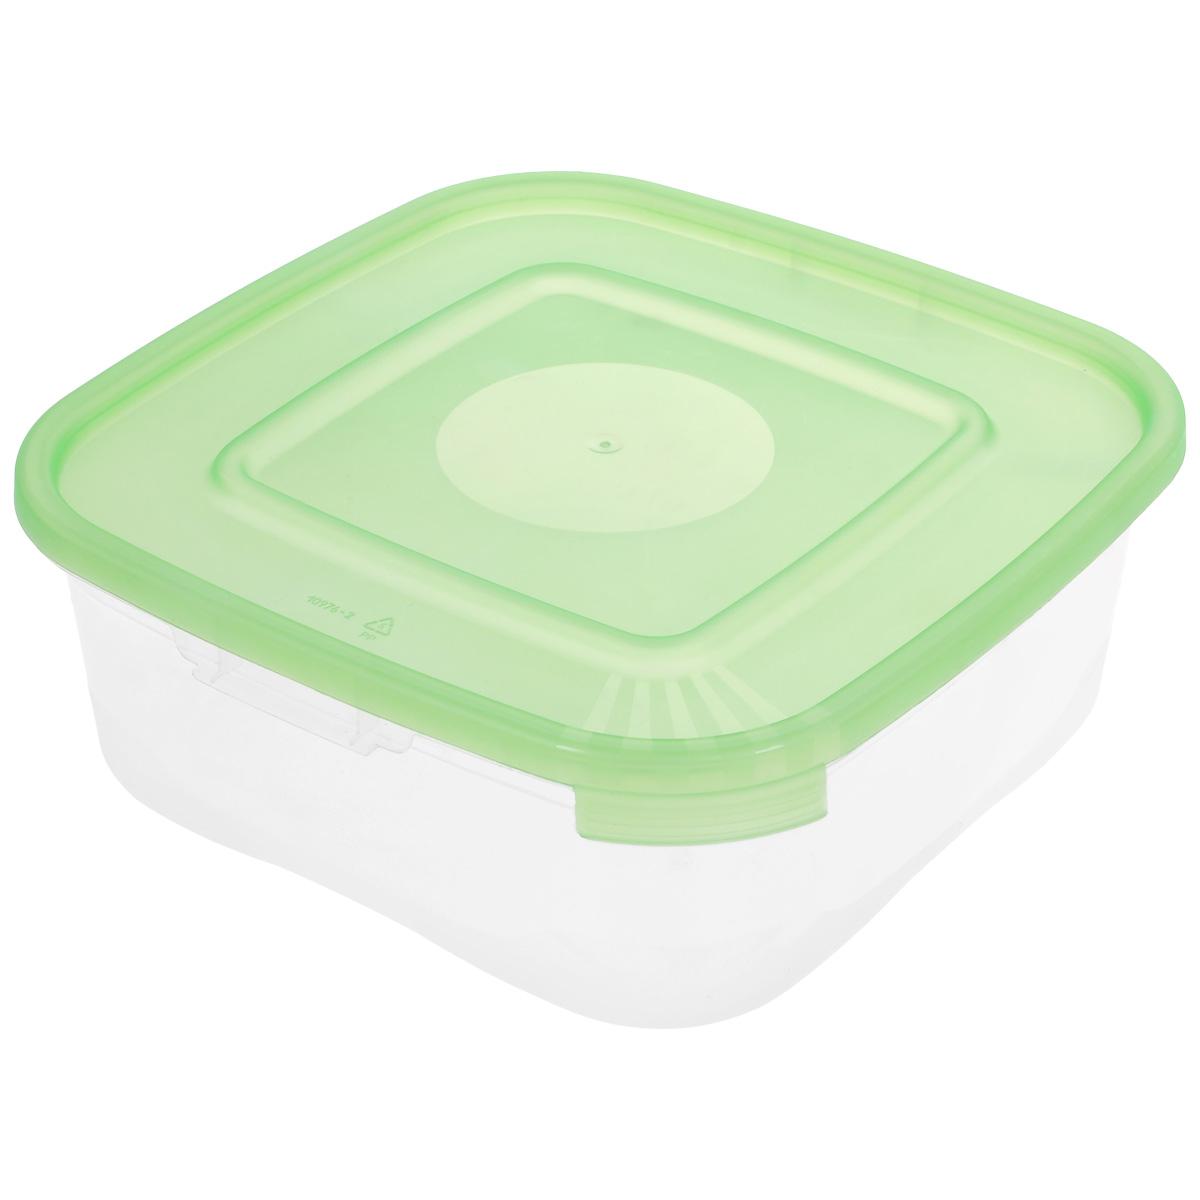 Контейнер Полимербыт Каскад, цвет: прозрачный, салатовый, 1,4 лС680 салатовыйКонтейнер Полимербыт Каскад квадратной формы, изготовленный из прочного пластика, предназначен специально для хранения пищевых продуктов. Крышка легко открывается и плотно закрывается.Контейнер устойчив к воздействию масел и жиров, легко моется. Прозрачные стенки позволяют видеть содержимое. Контейнер имеет возможность хранения продуктов глубокой заморозки, обладает высокой прочностью. Подходит для использования в микроволновых печах.Можно мыть в посудомоечной машине.